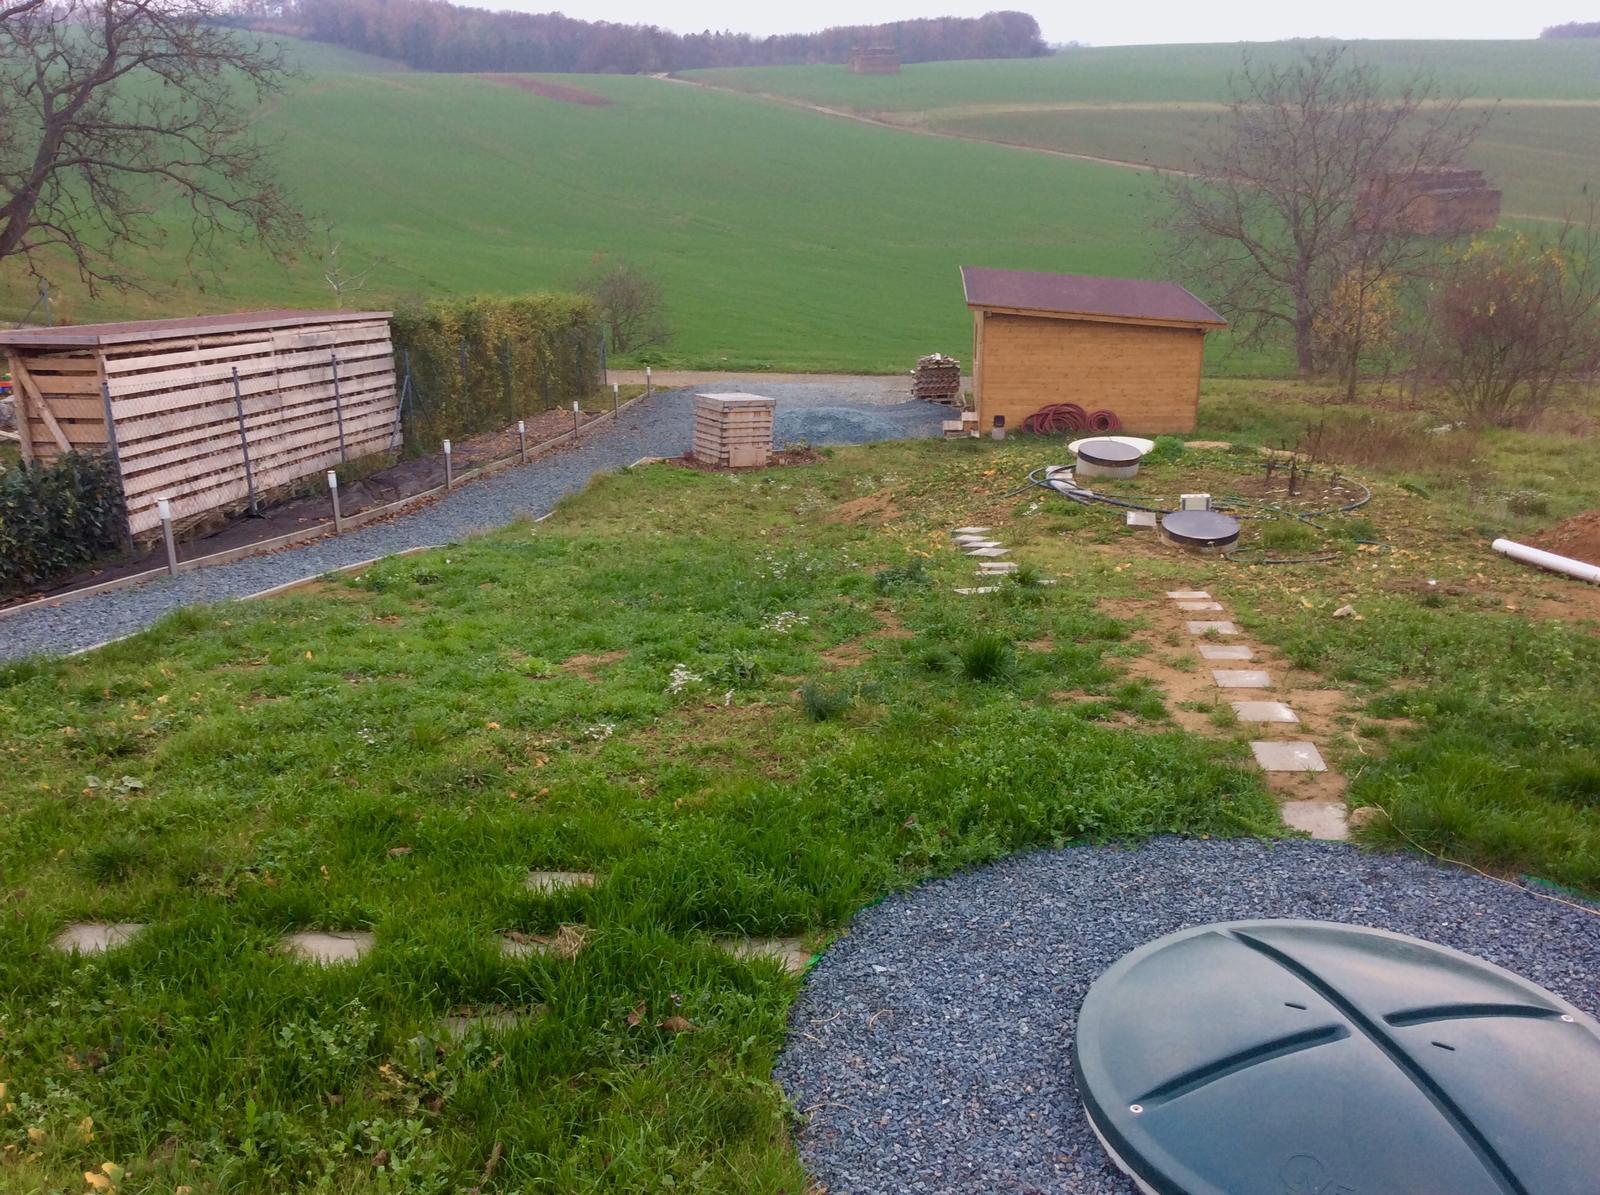 Fáze druhá ... zahrada - Listopad 2018 - letos už nejspíš terén svahu nedorovnám a taky nedodělám cestičku k nádržím na vyčištěnou a dešťovou vodu